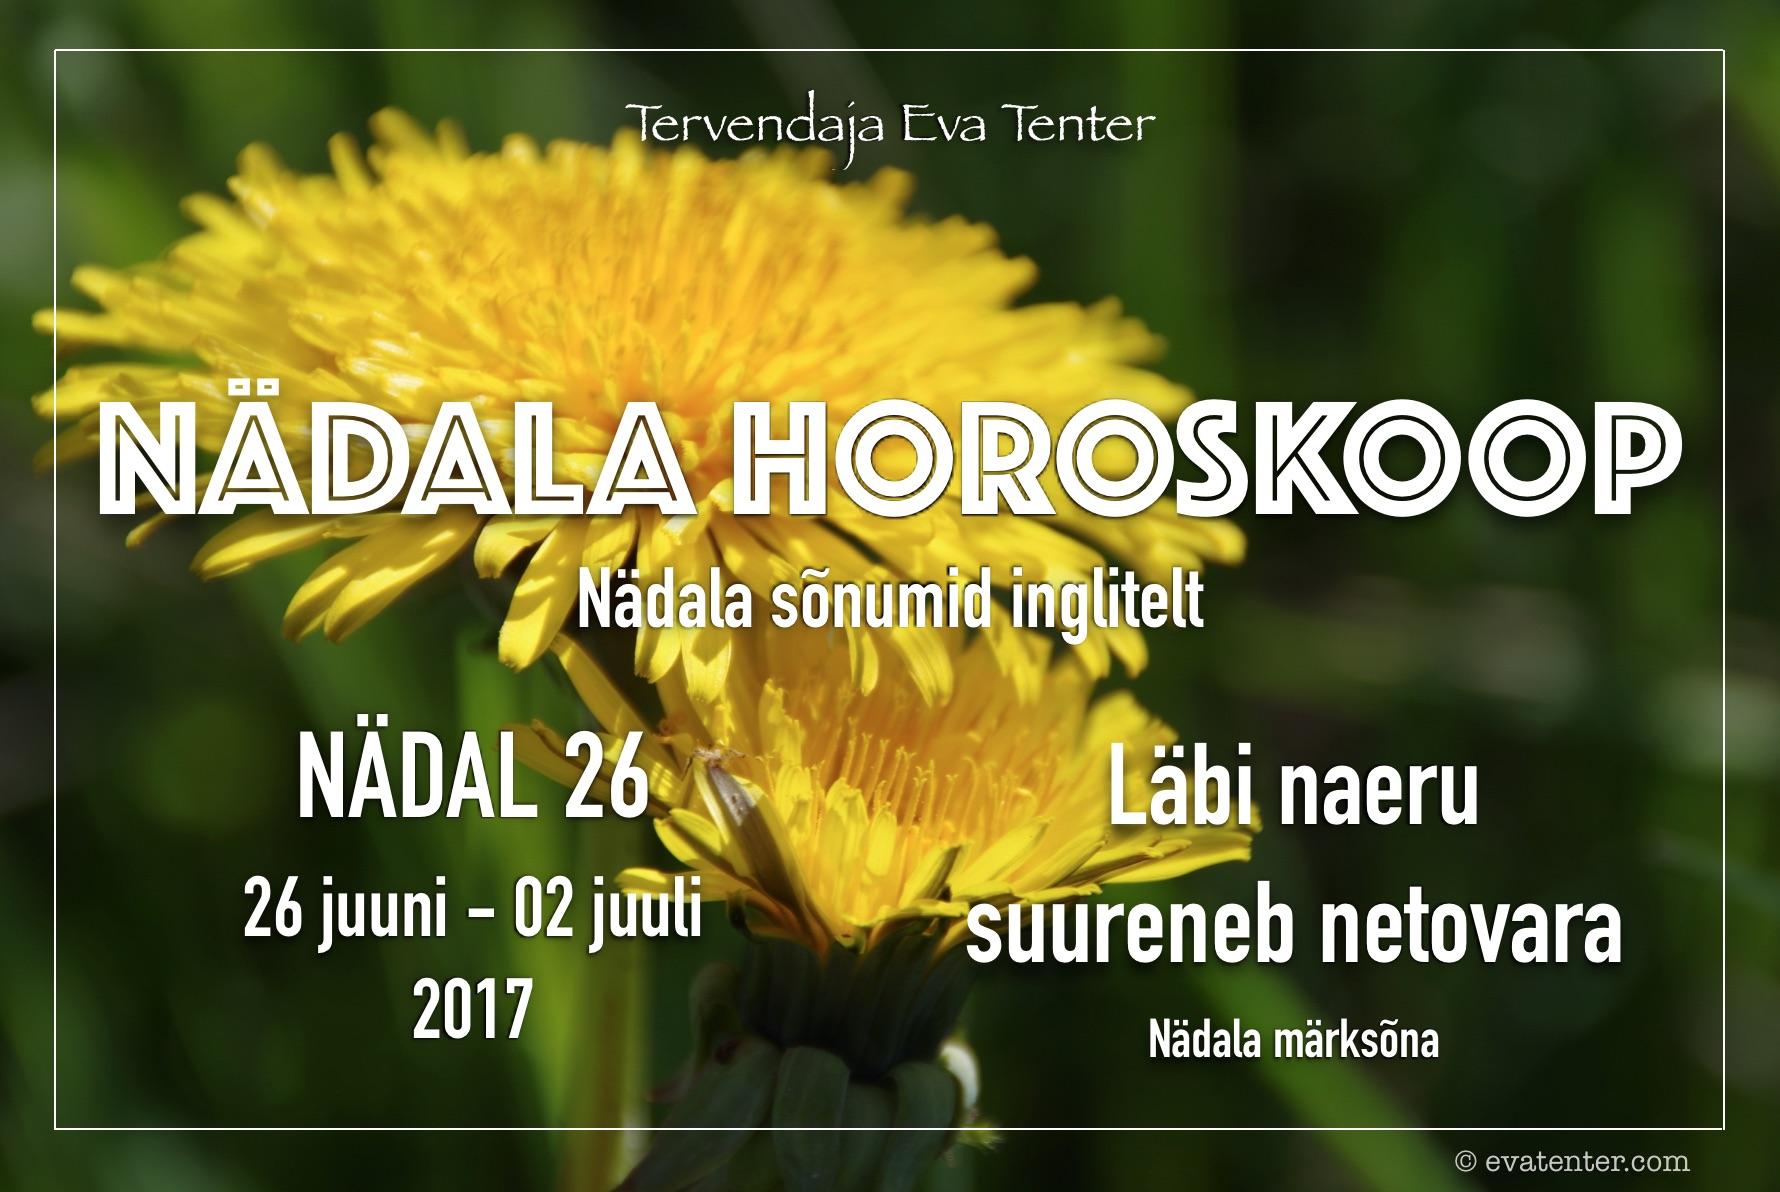 Nädala horoskoop 26.06-02.07.2017